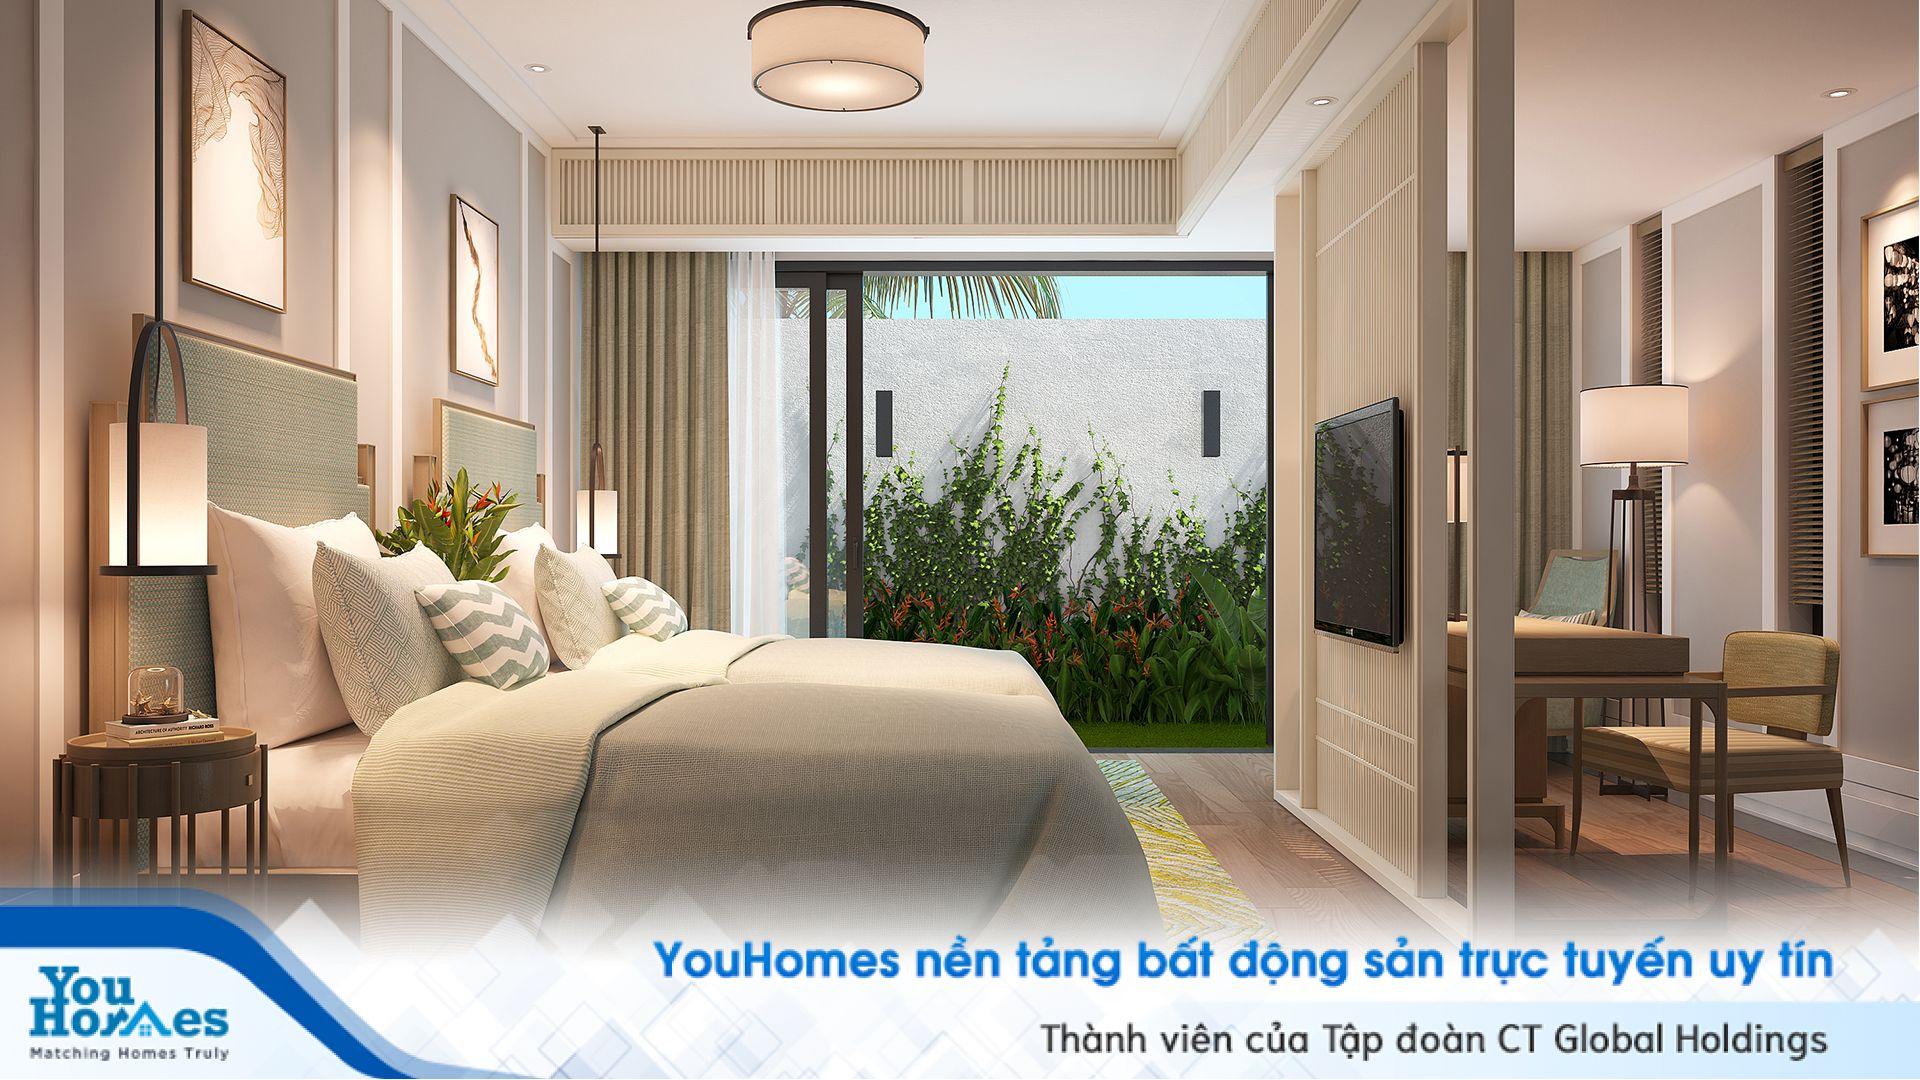 5 lưu ý thiết kế phòng ngủ chuẩn phong thủy!